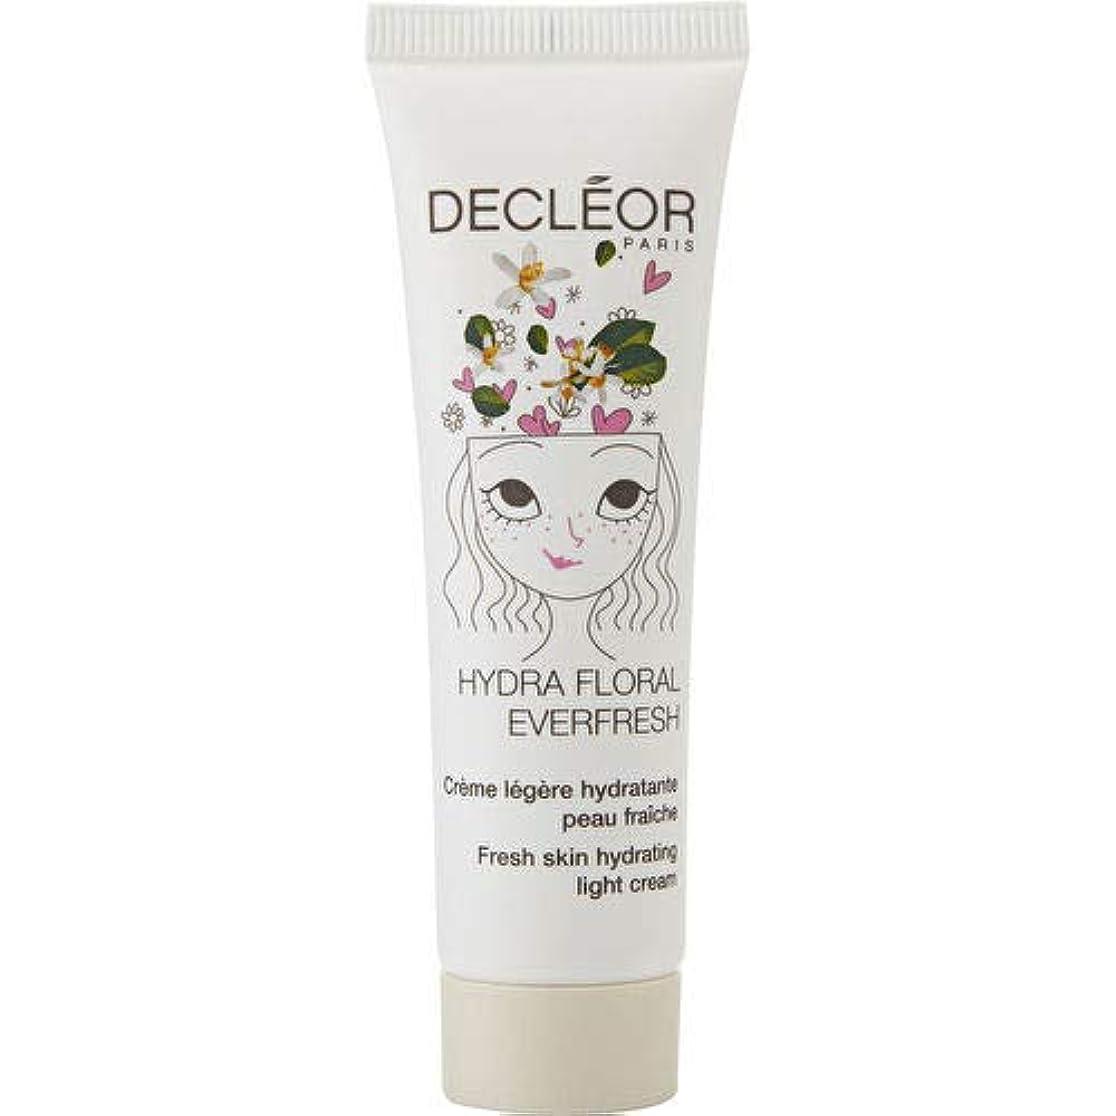 課税フェデレーション午後デクレオール Hydra Floral Everfresh Fresh Skin Hydrating Light Cream - For Dehydrated Skin 30ml/1oz並行輸入品